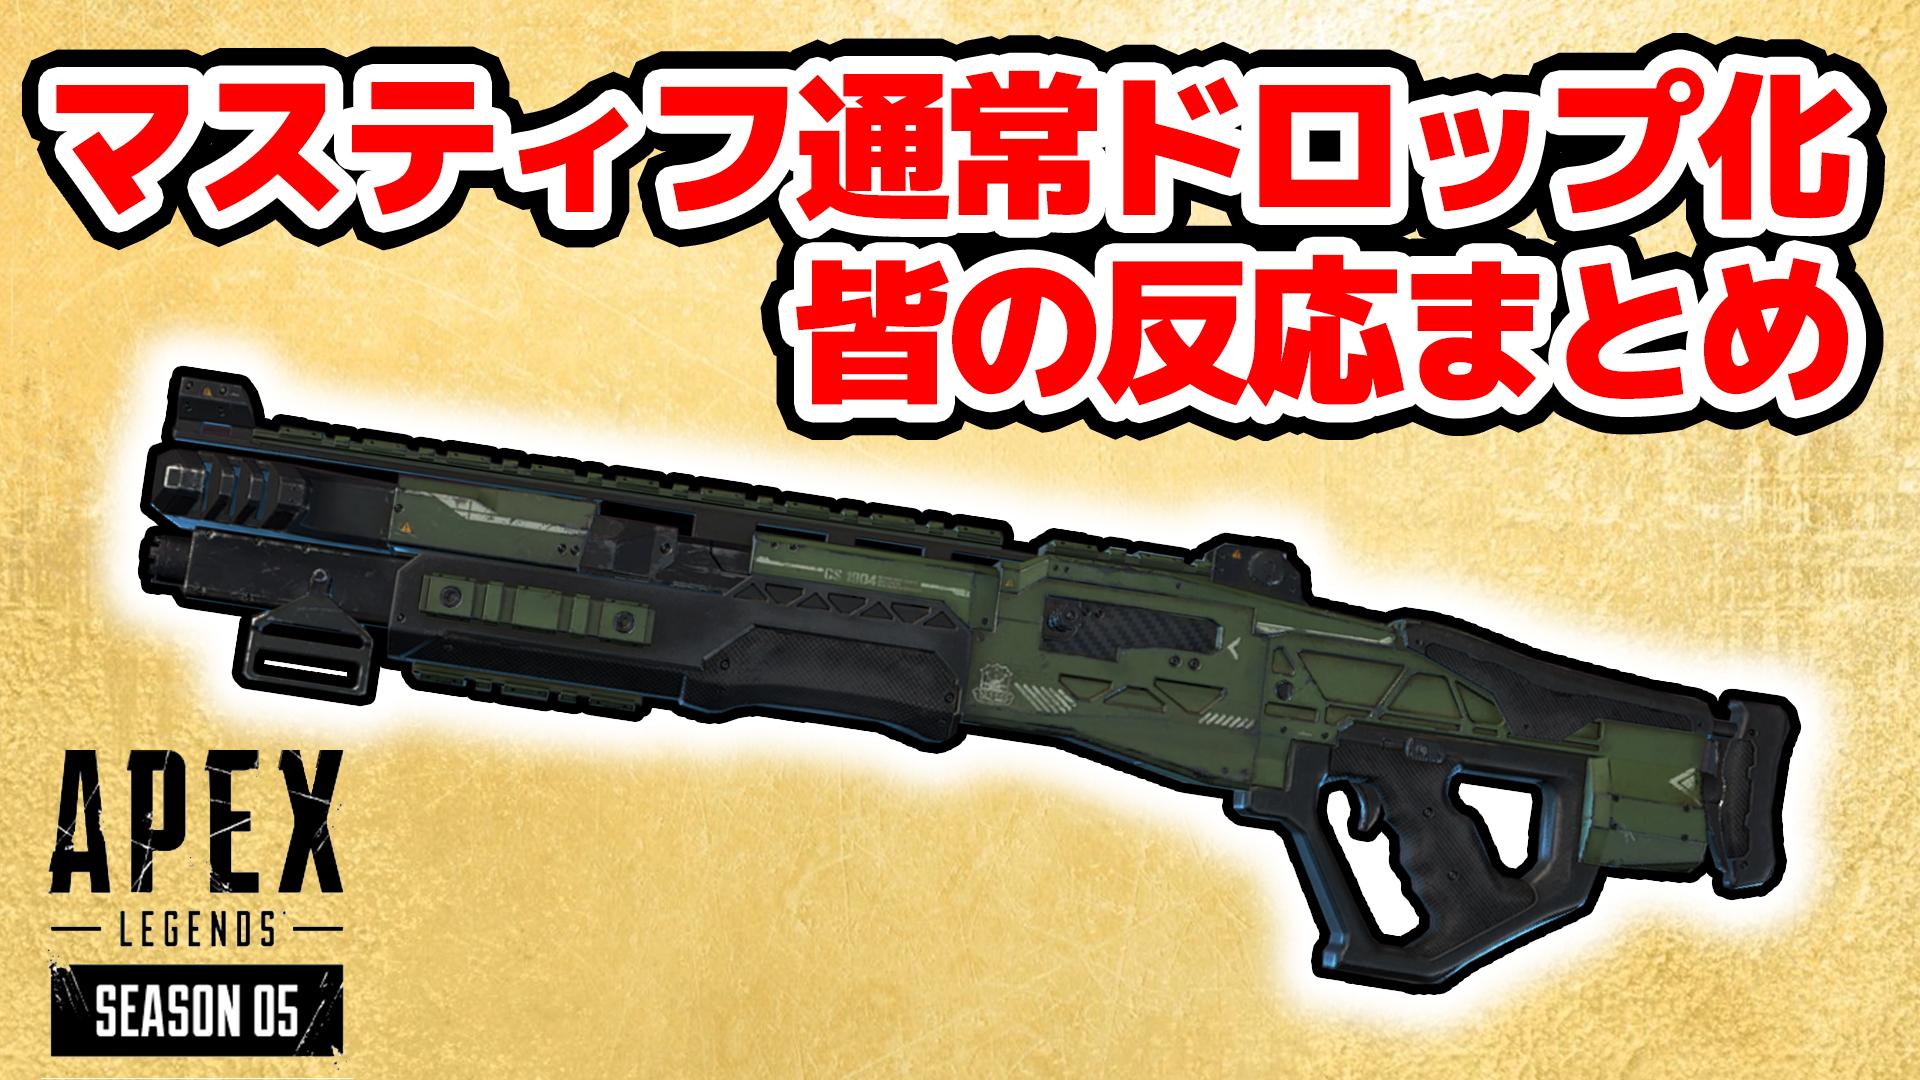 【マスティフ】ケアパケ武器から通常武器になったマスティフは強い?弱い?ツイッターでの反応まとめ